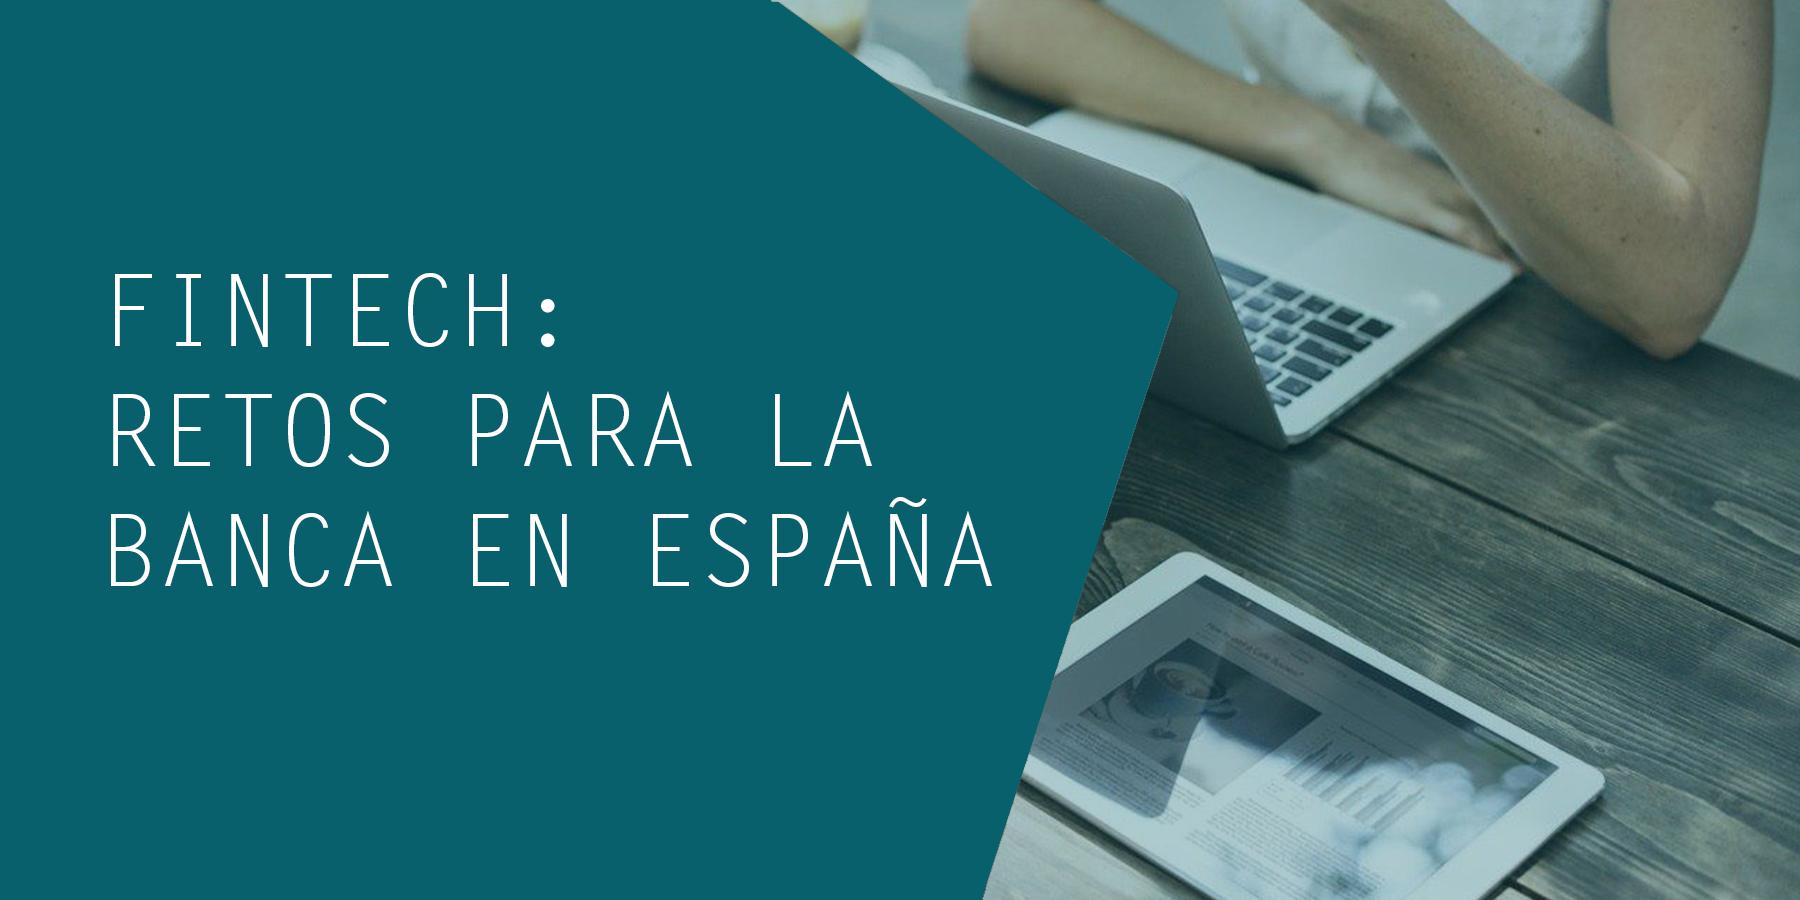 Fintech retos banca Espana